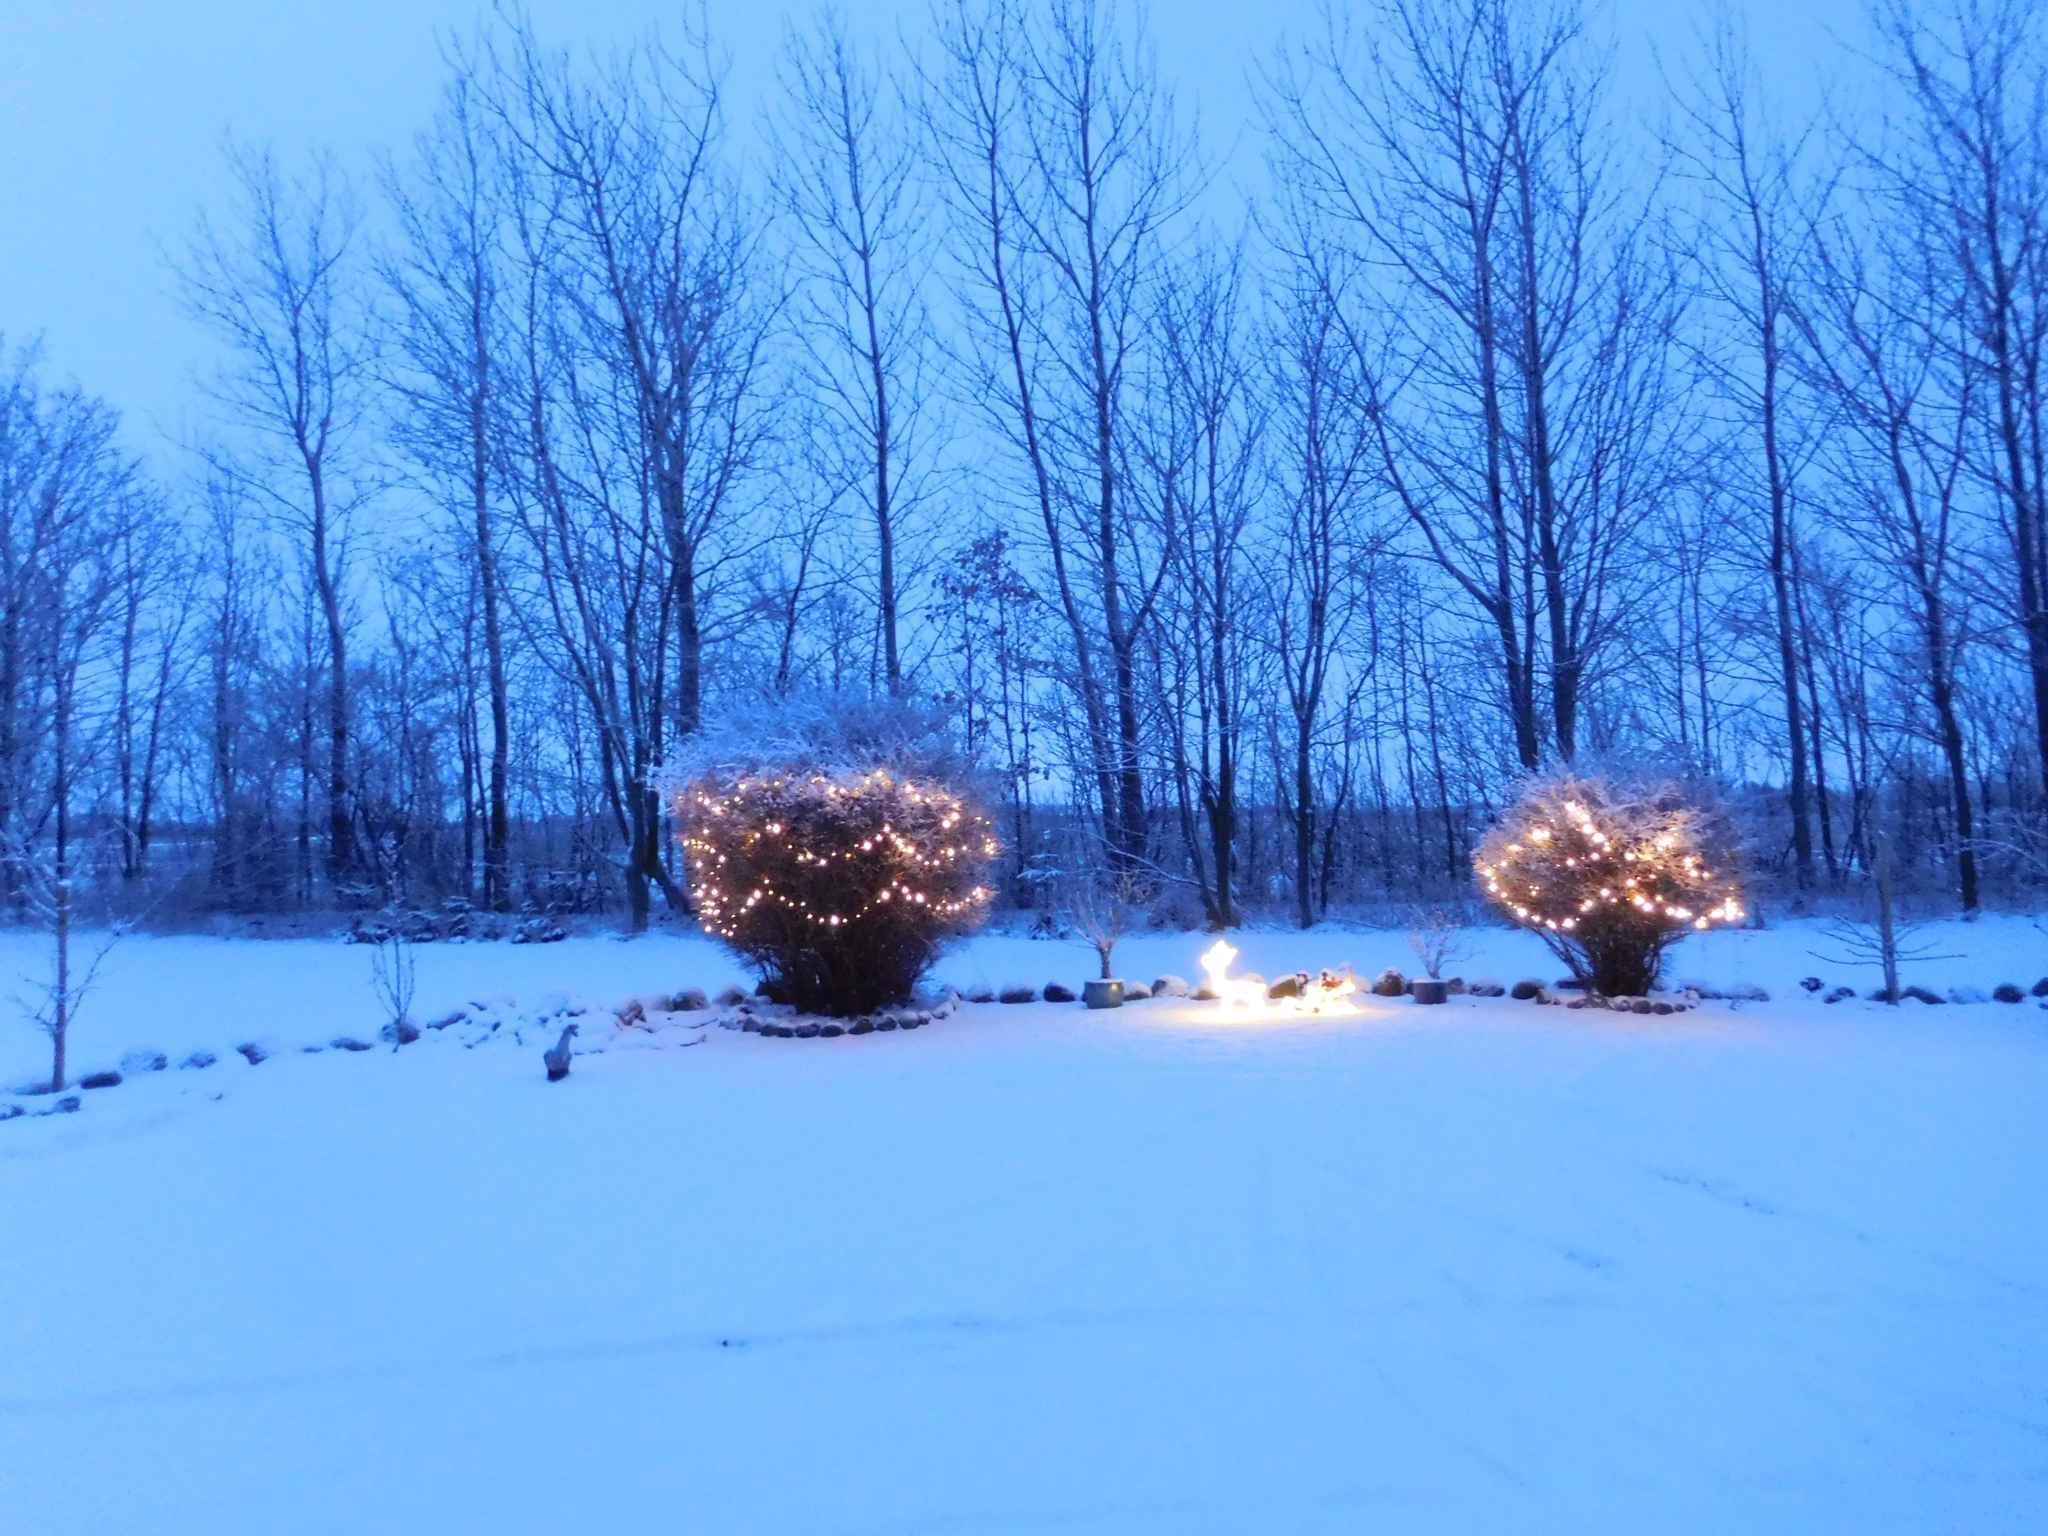 Ferienwohnung inkl. Kaminofen und schönem Blick auf die umliegenden Felder (1670562), Fjerritslev, , Nordwestjütland, Dänemark, Bild 13